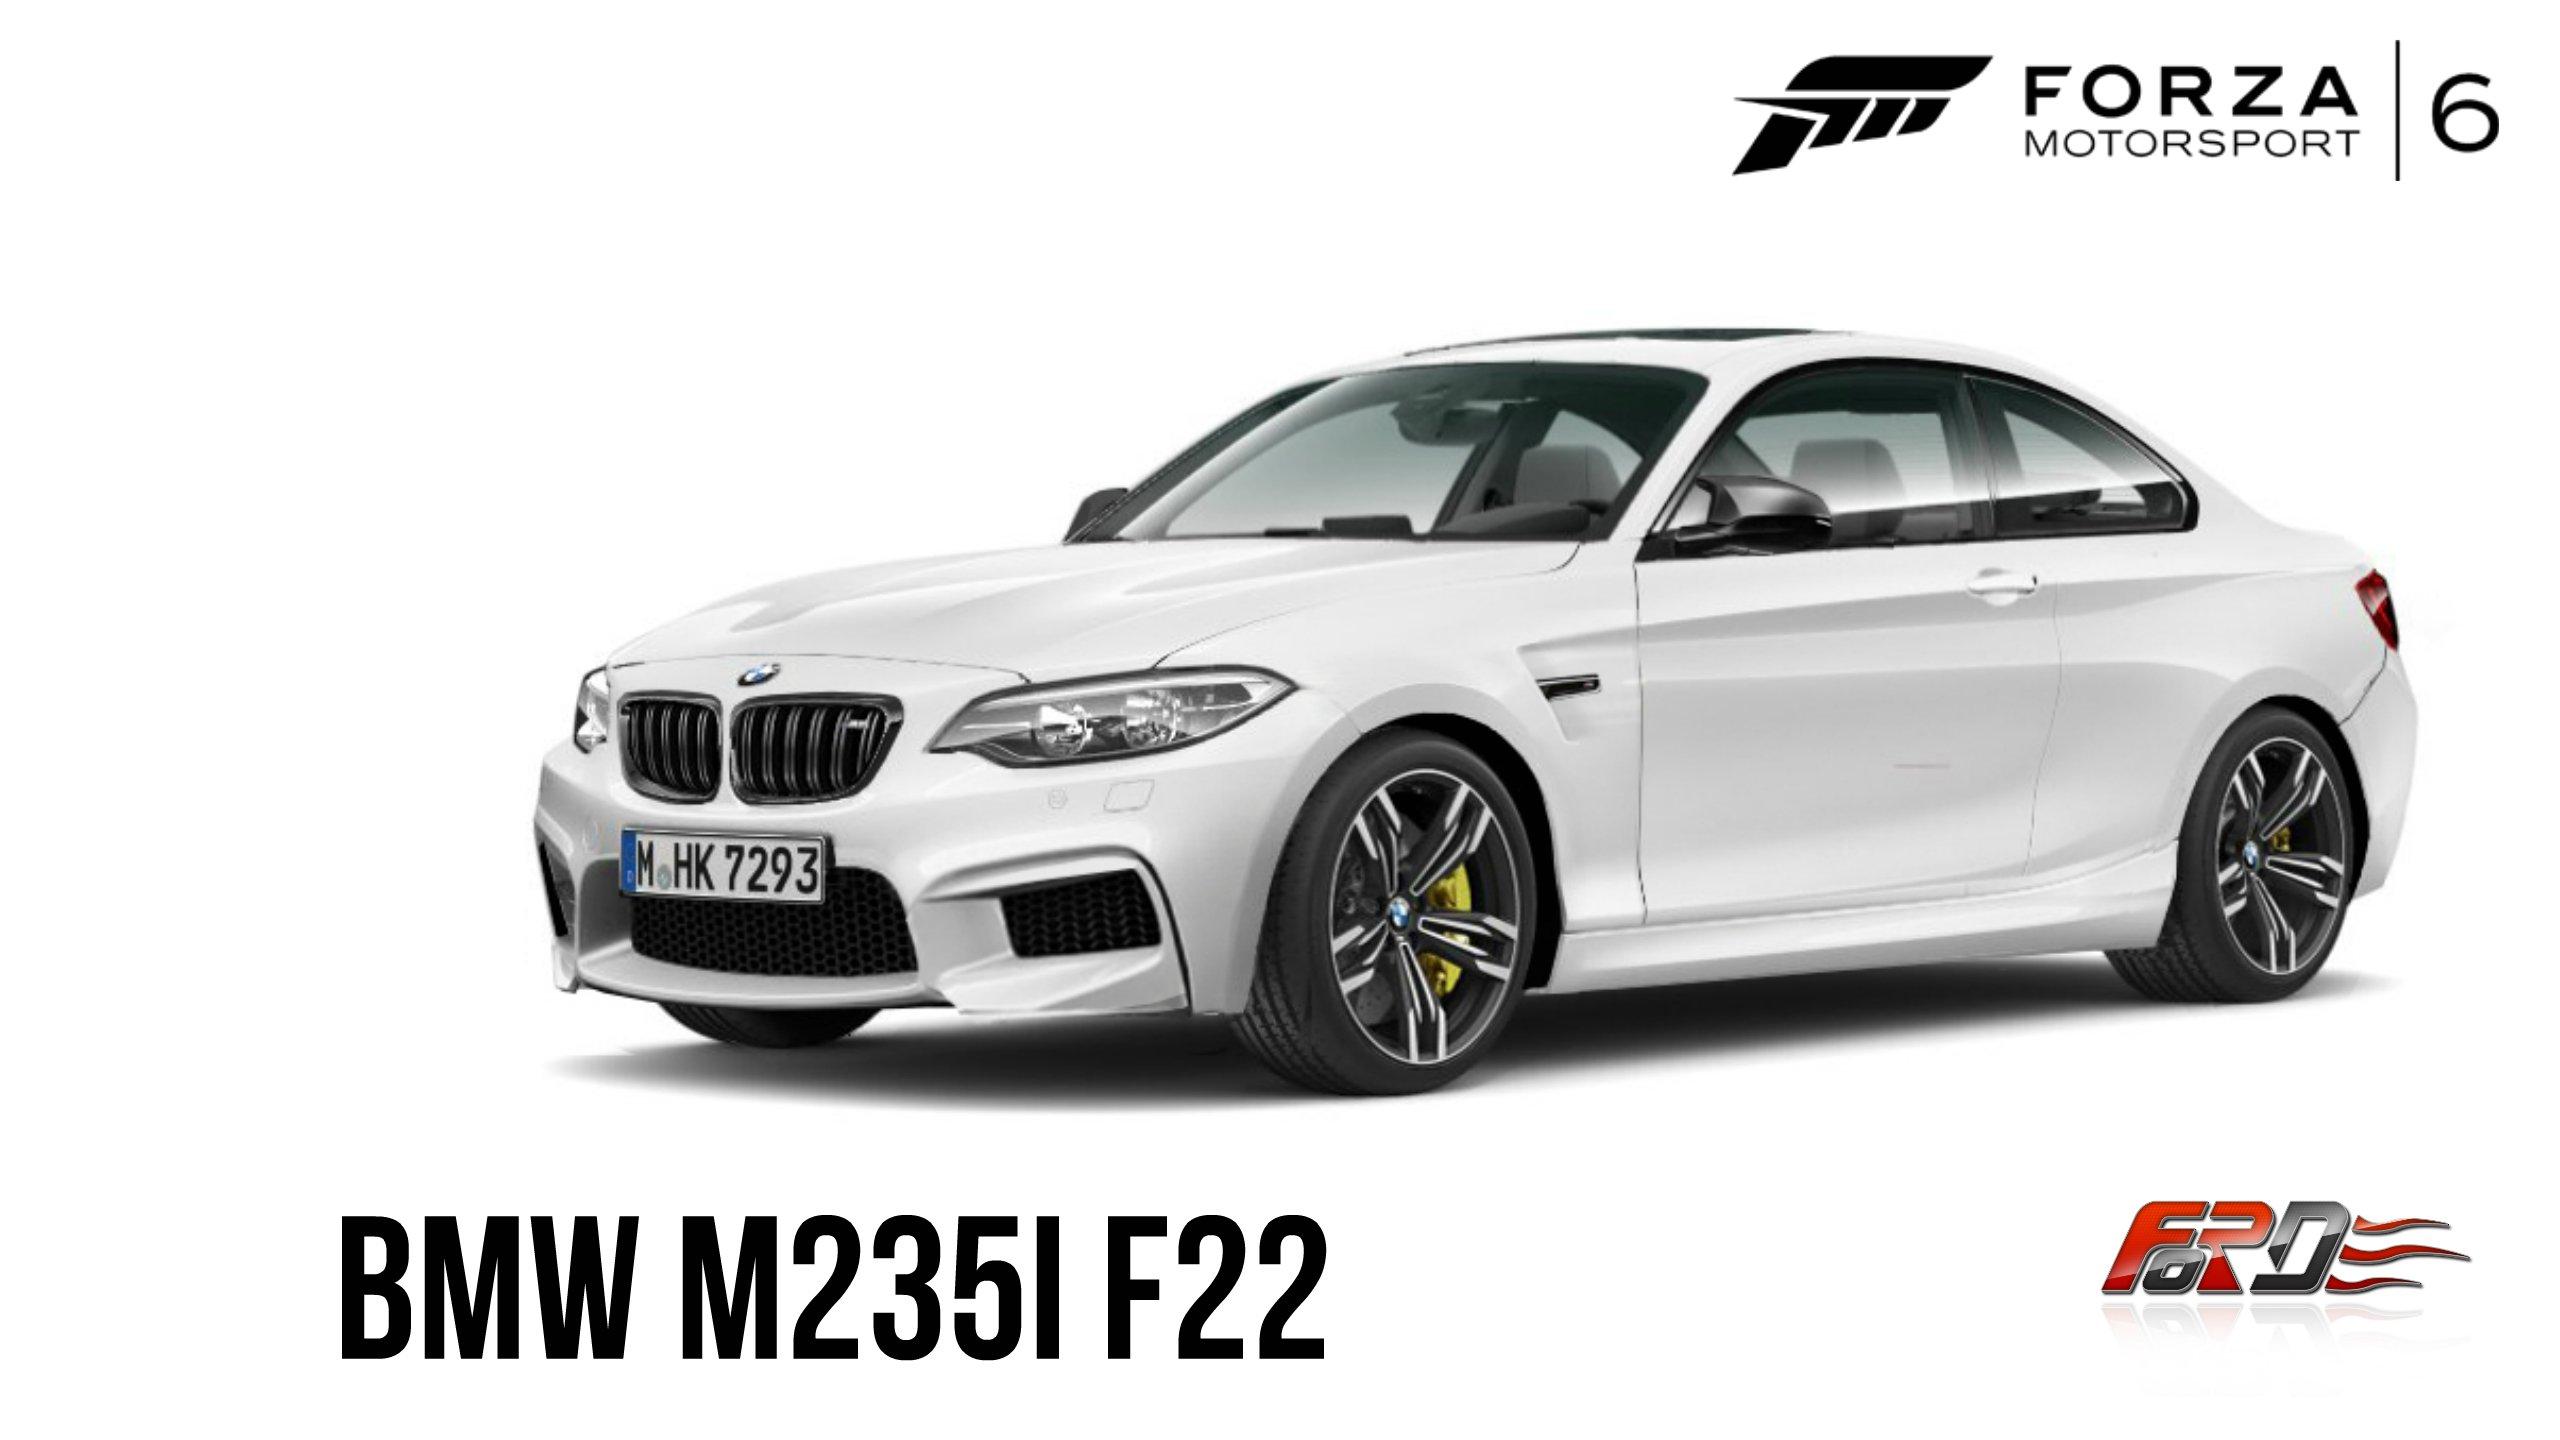 Forza Motorsport 6: Apex [ BMW M235i F22 ] - обзор, тест-драйв, дрифт на маленьком спорткаре - Изображение 1